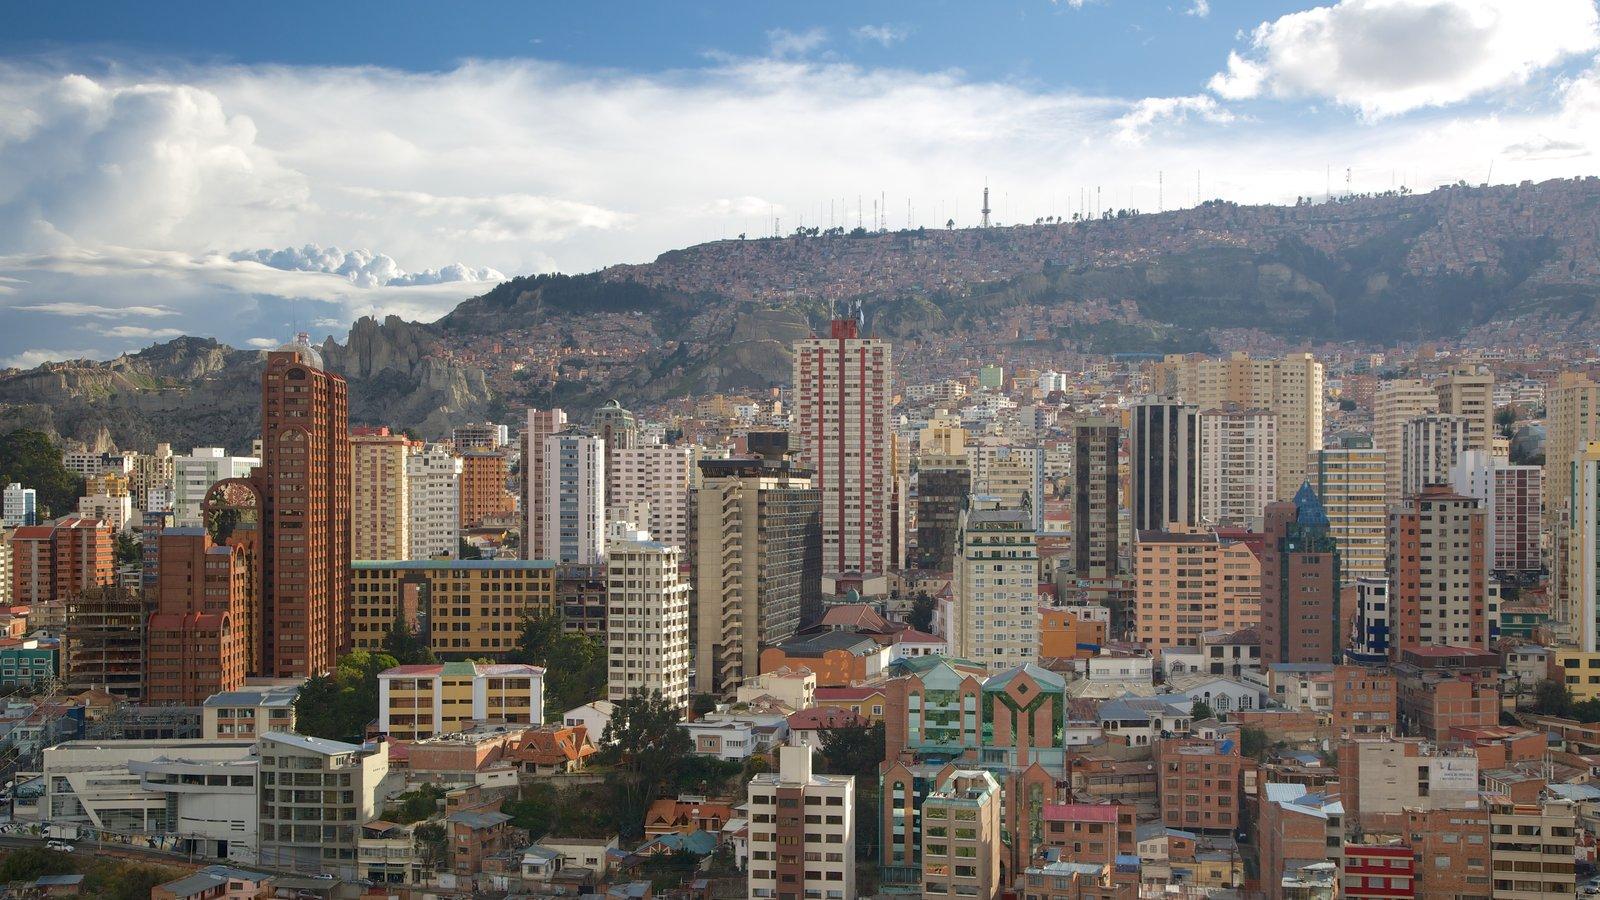 La Paz mostrando uma cidade